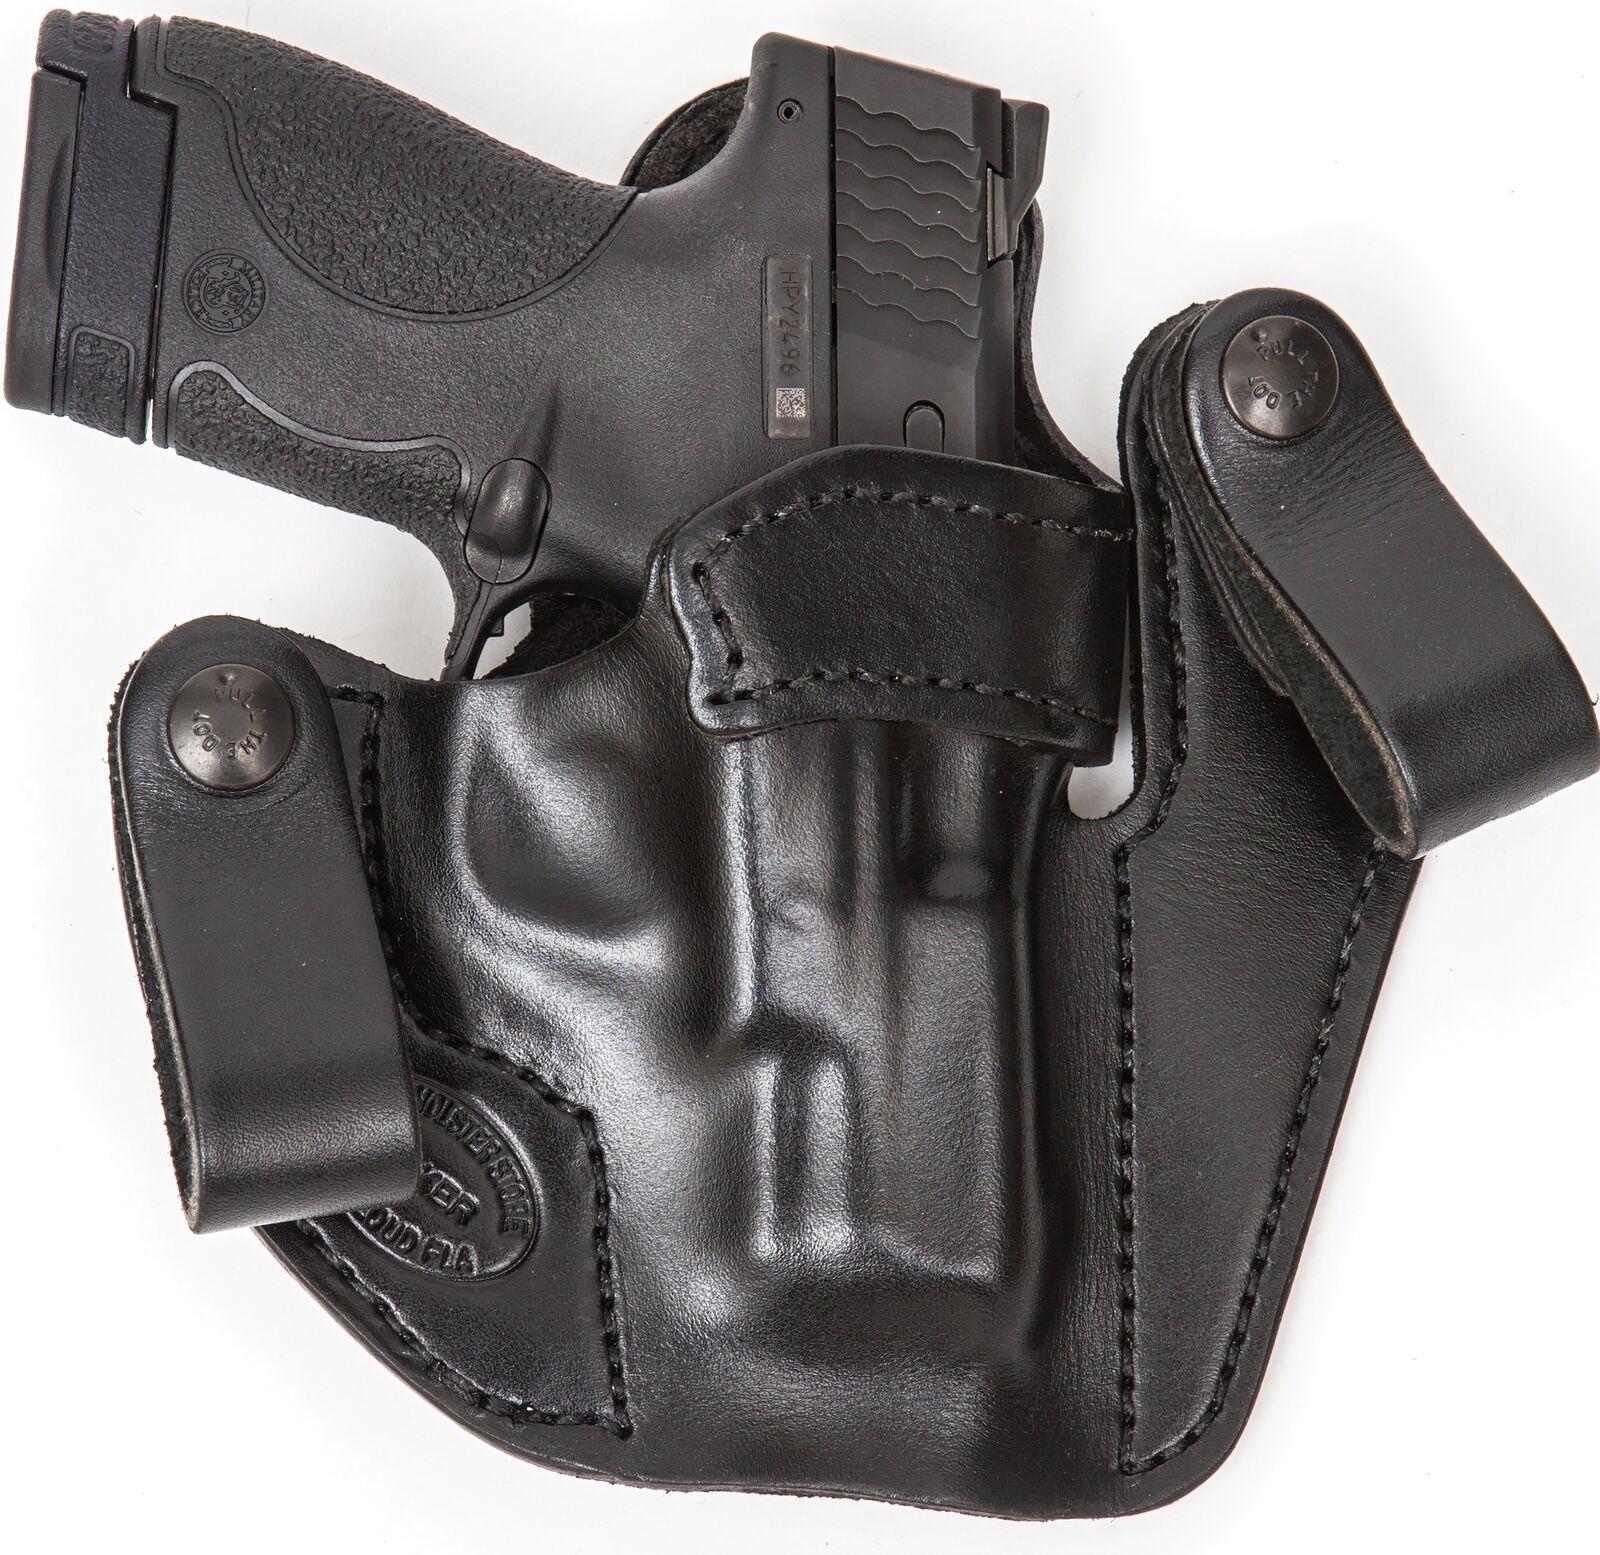 XTREME llevar RH LH dentro de la cintura de cuero Funda Pistola para Kahr PM 9 40 45 con laserguard Compacto